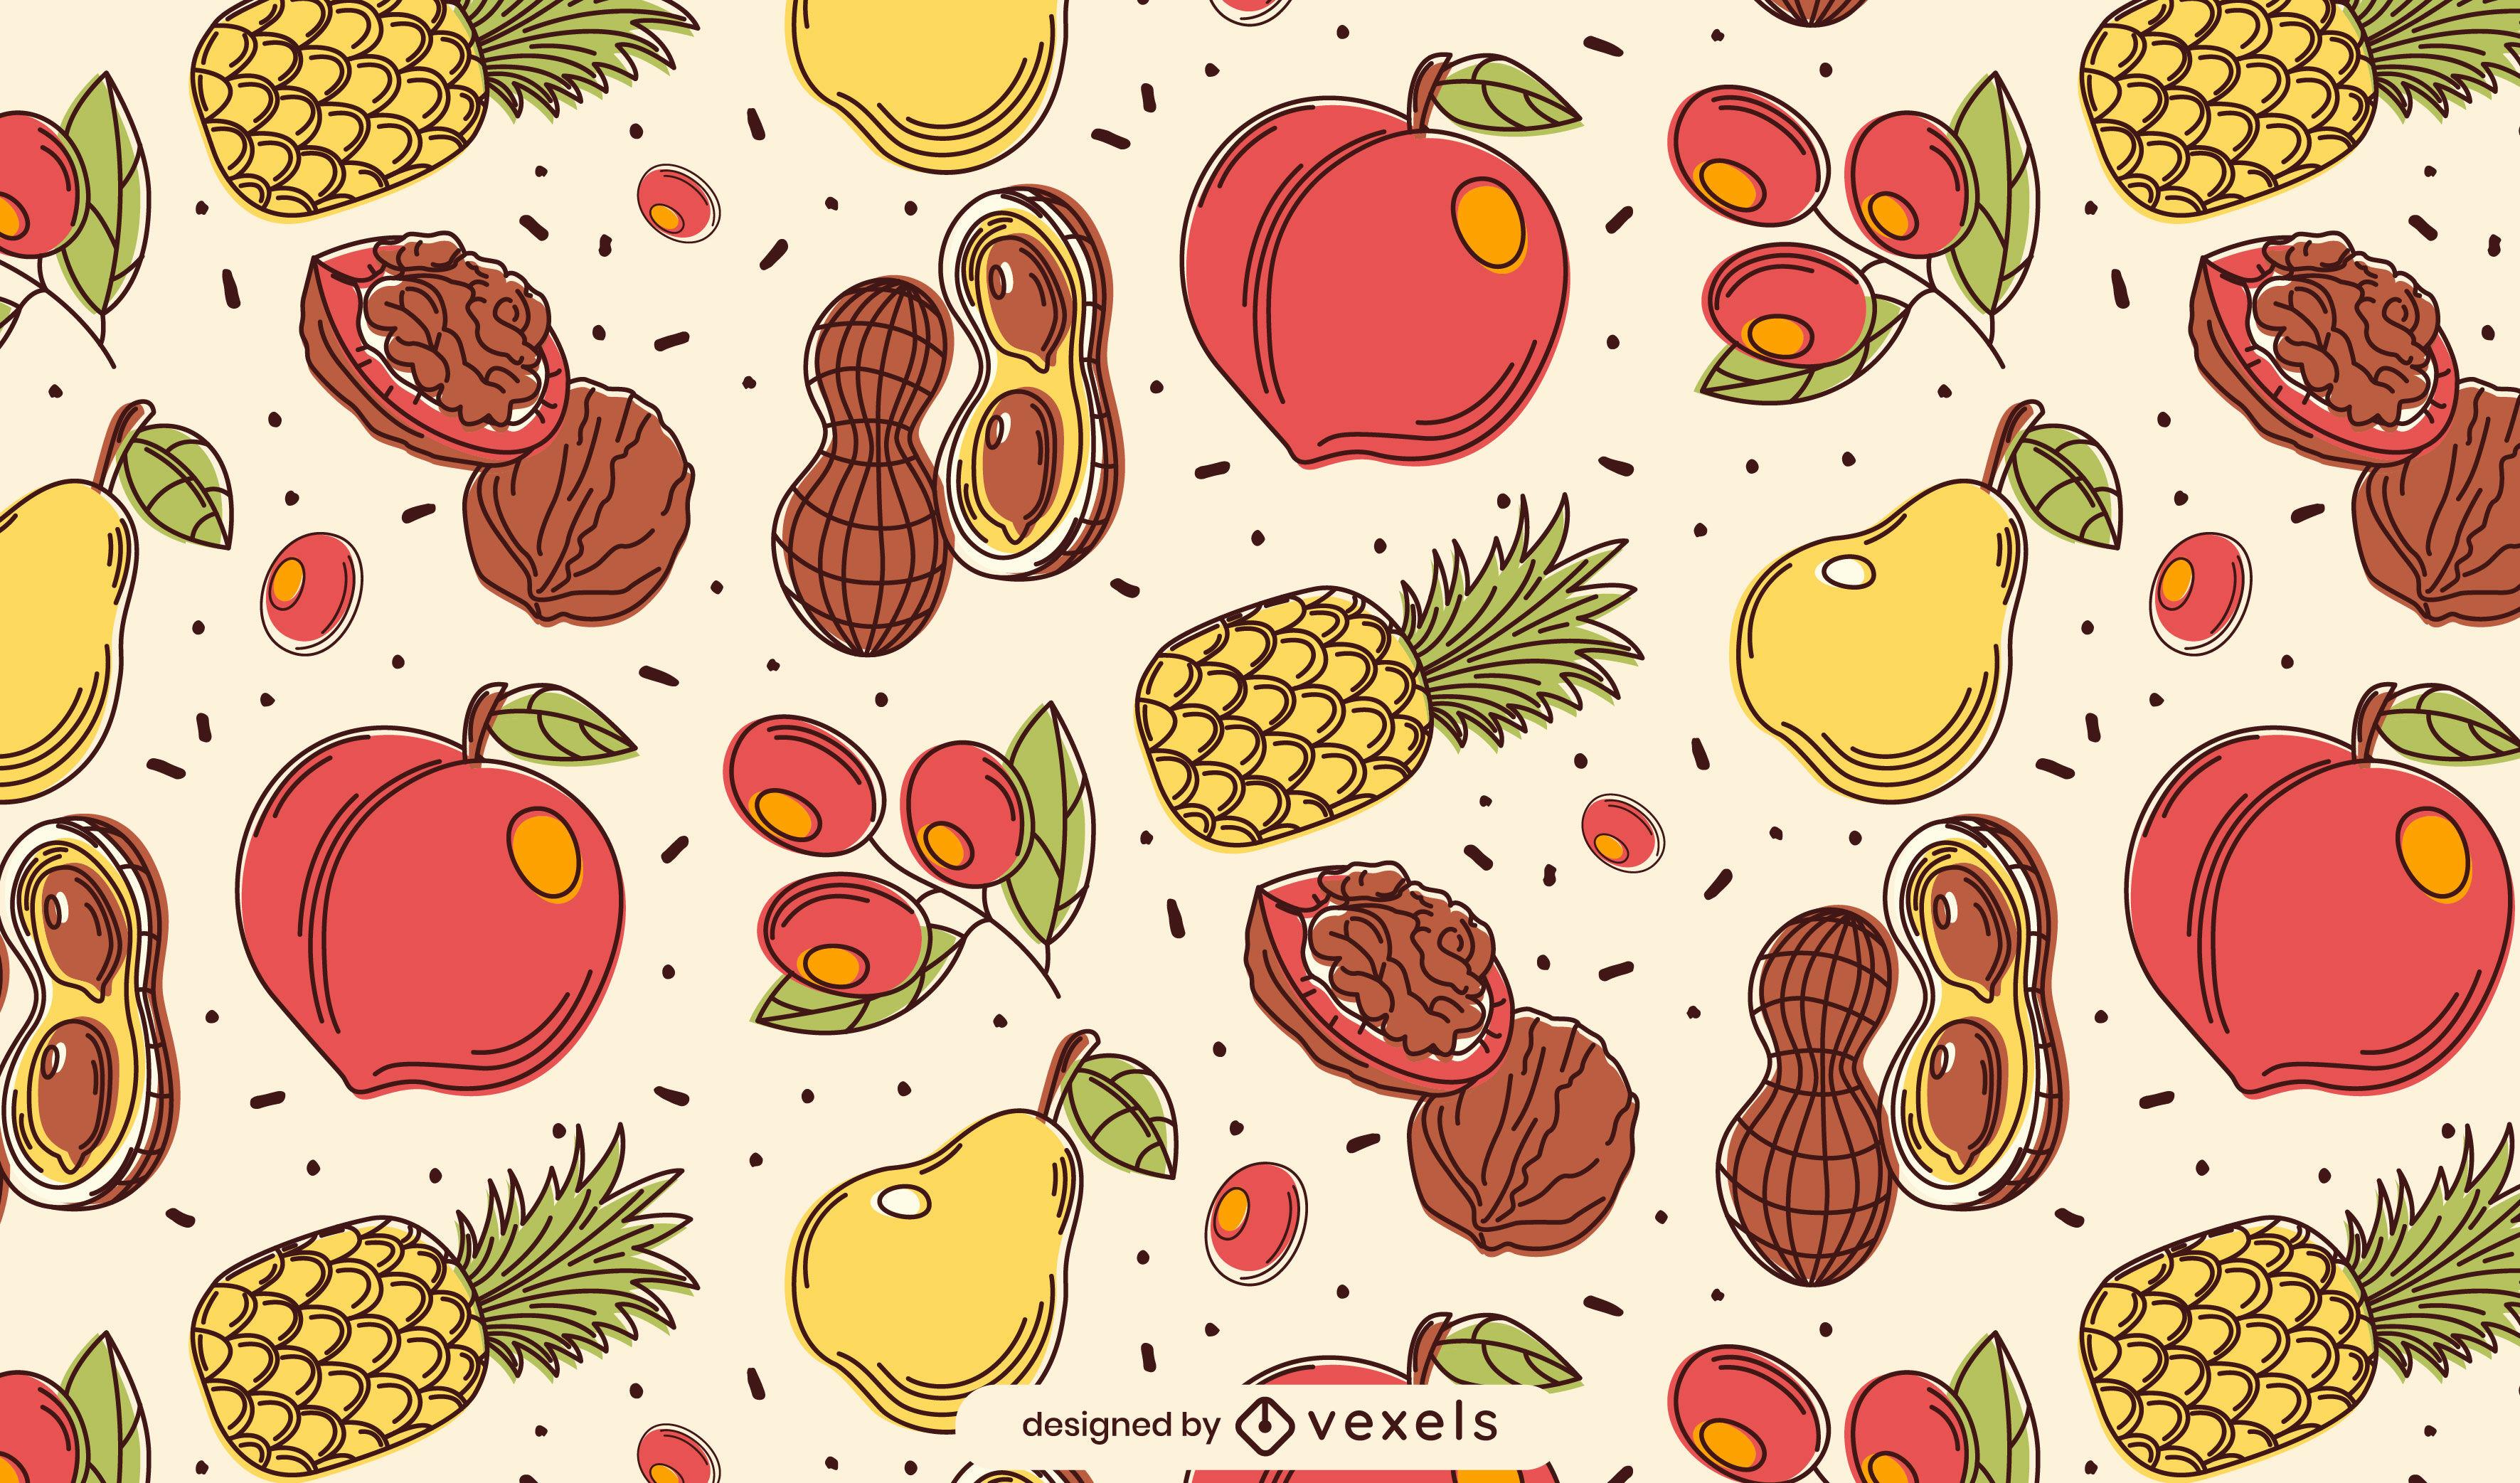 Dise?o de patr?n de alimentos de frutas y nueces.